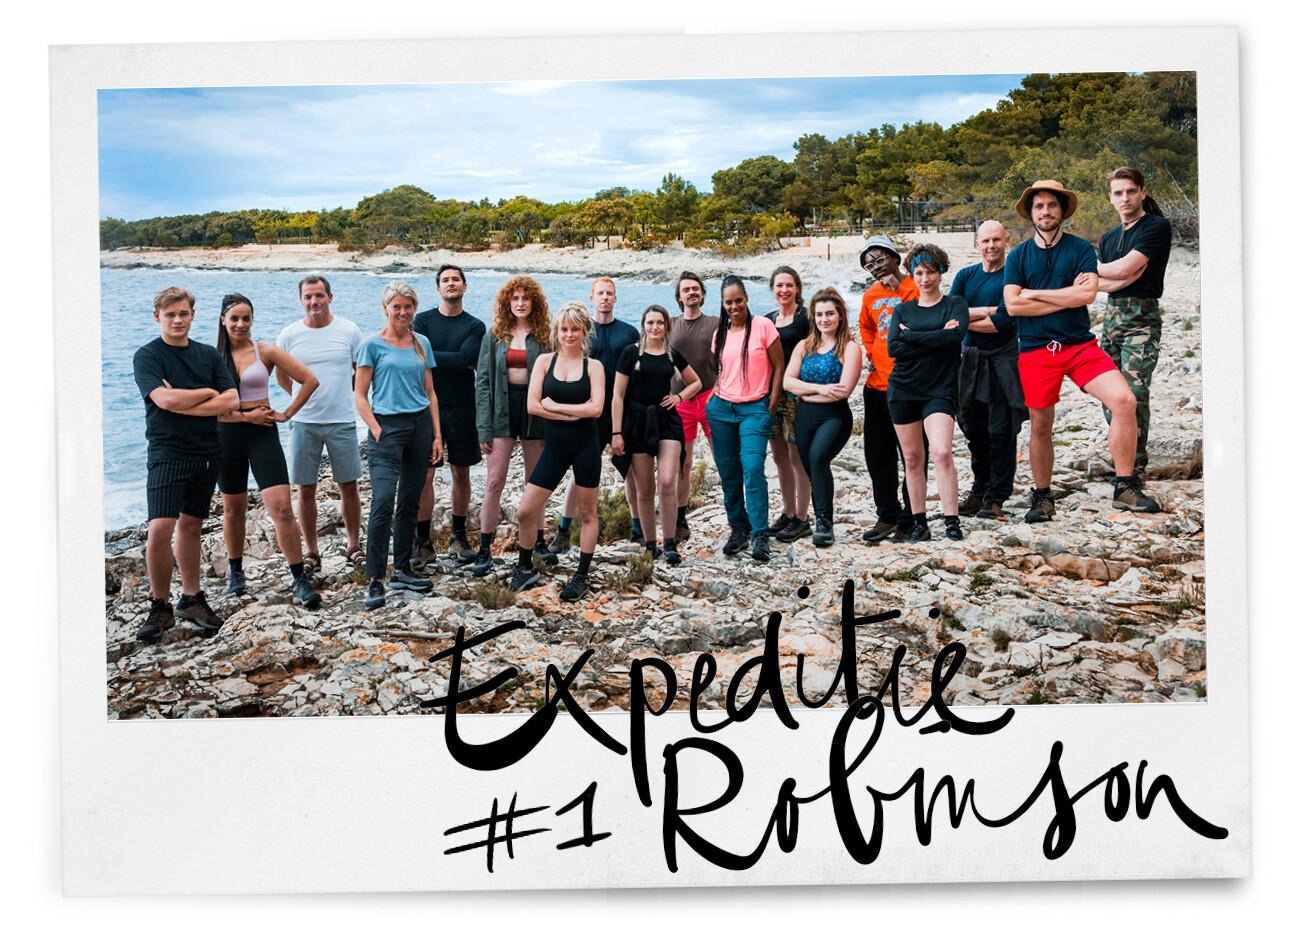 Expeditie Robinson: De napraataflevering 1